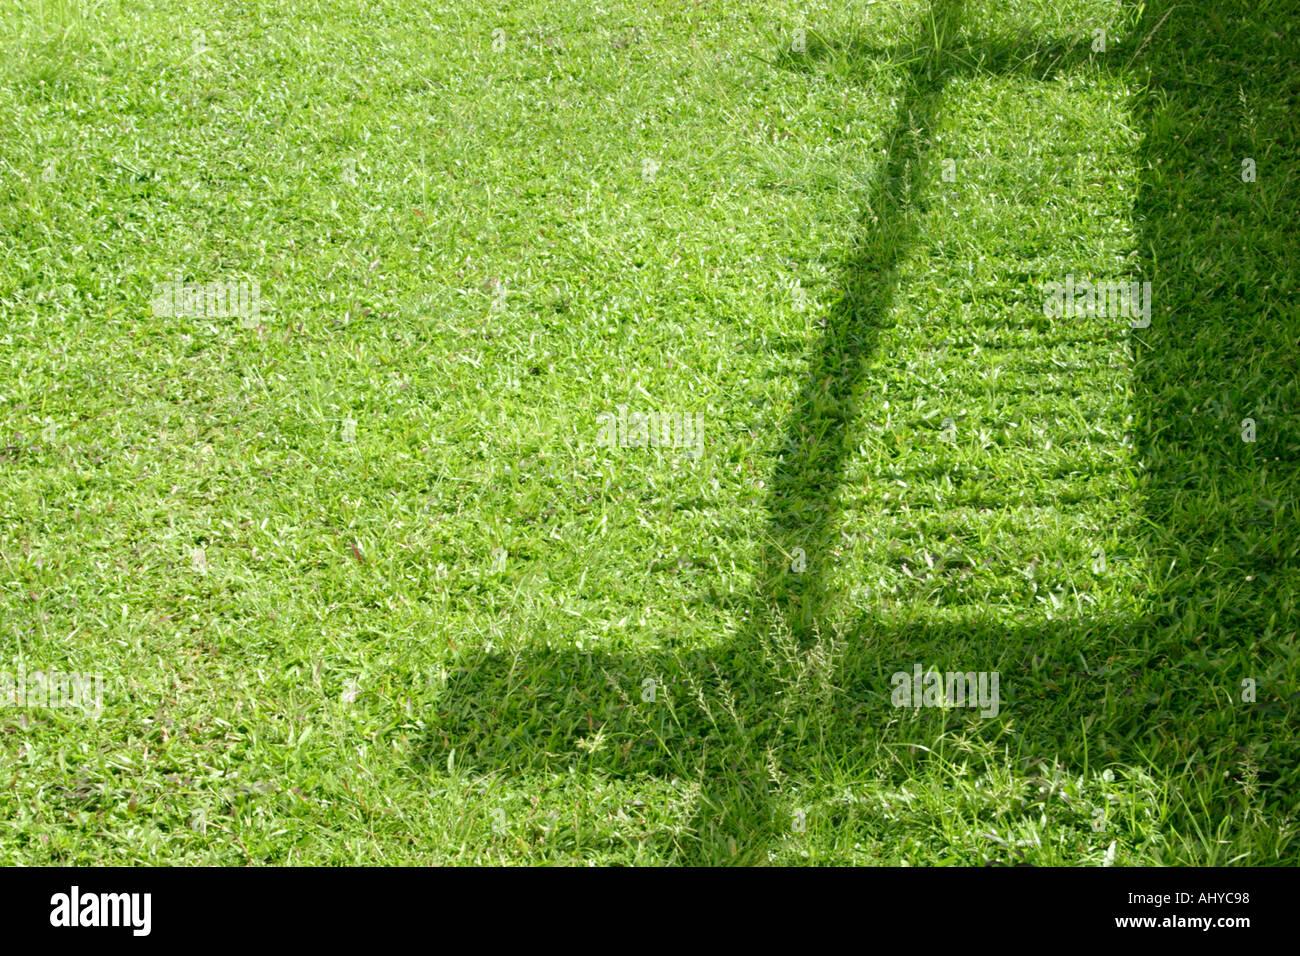 Zaun Schatten auf Grass Greener pastures Grass ist grüner auf der